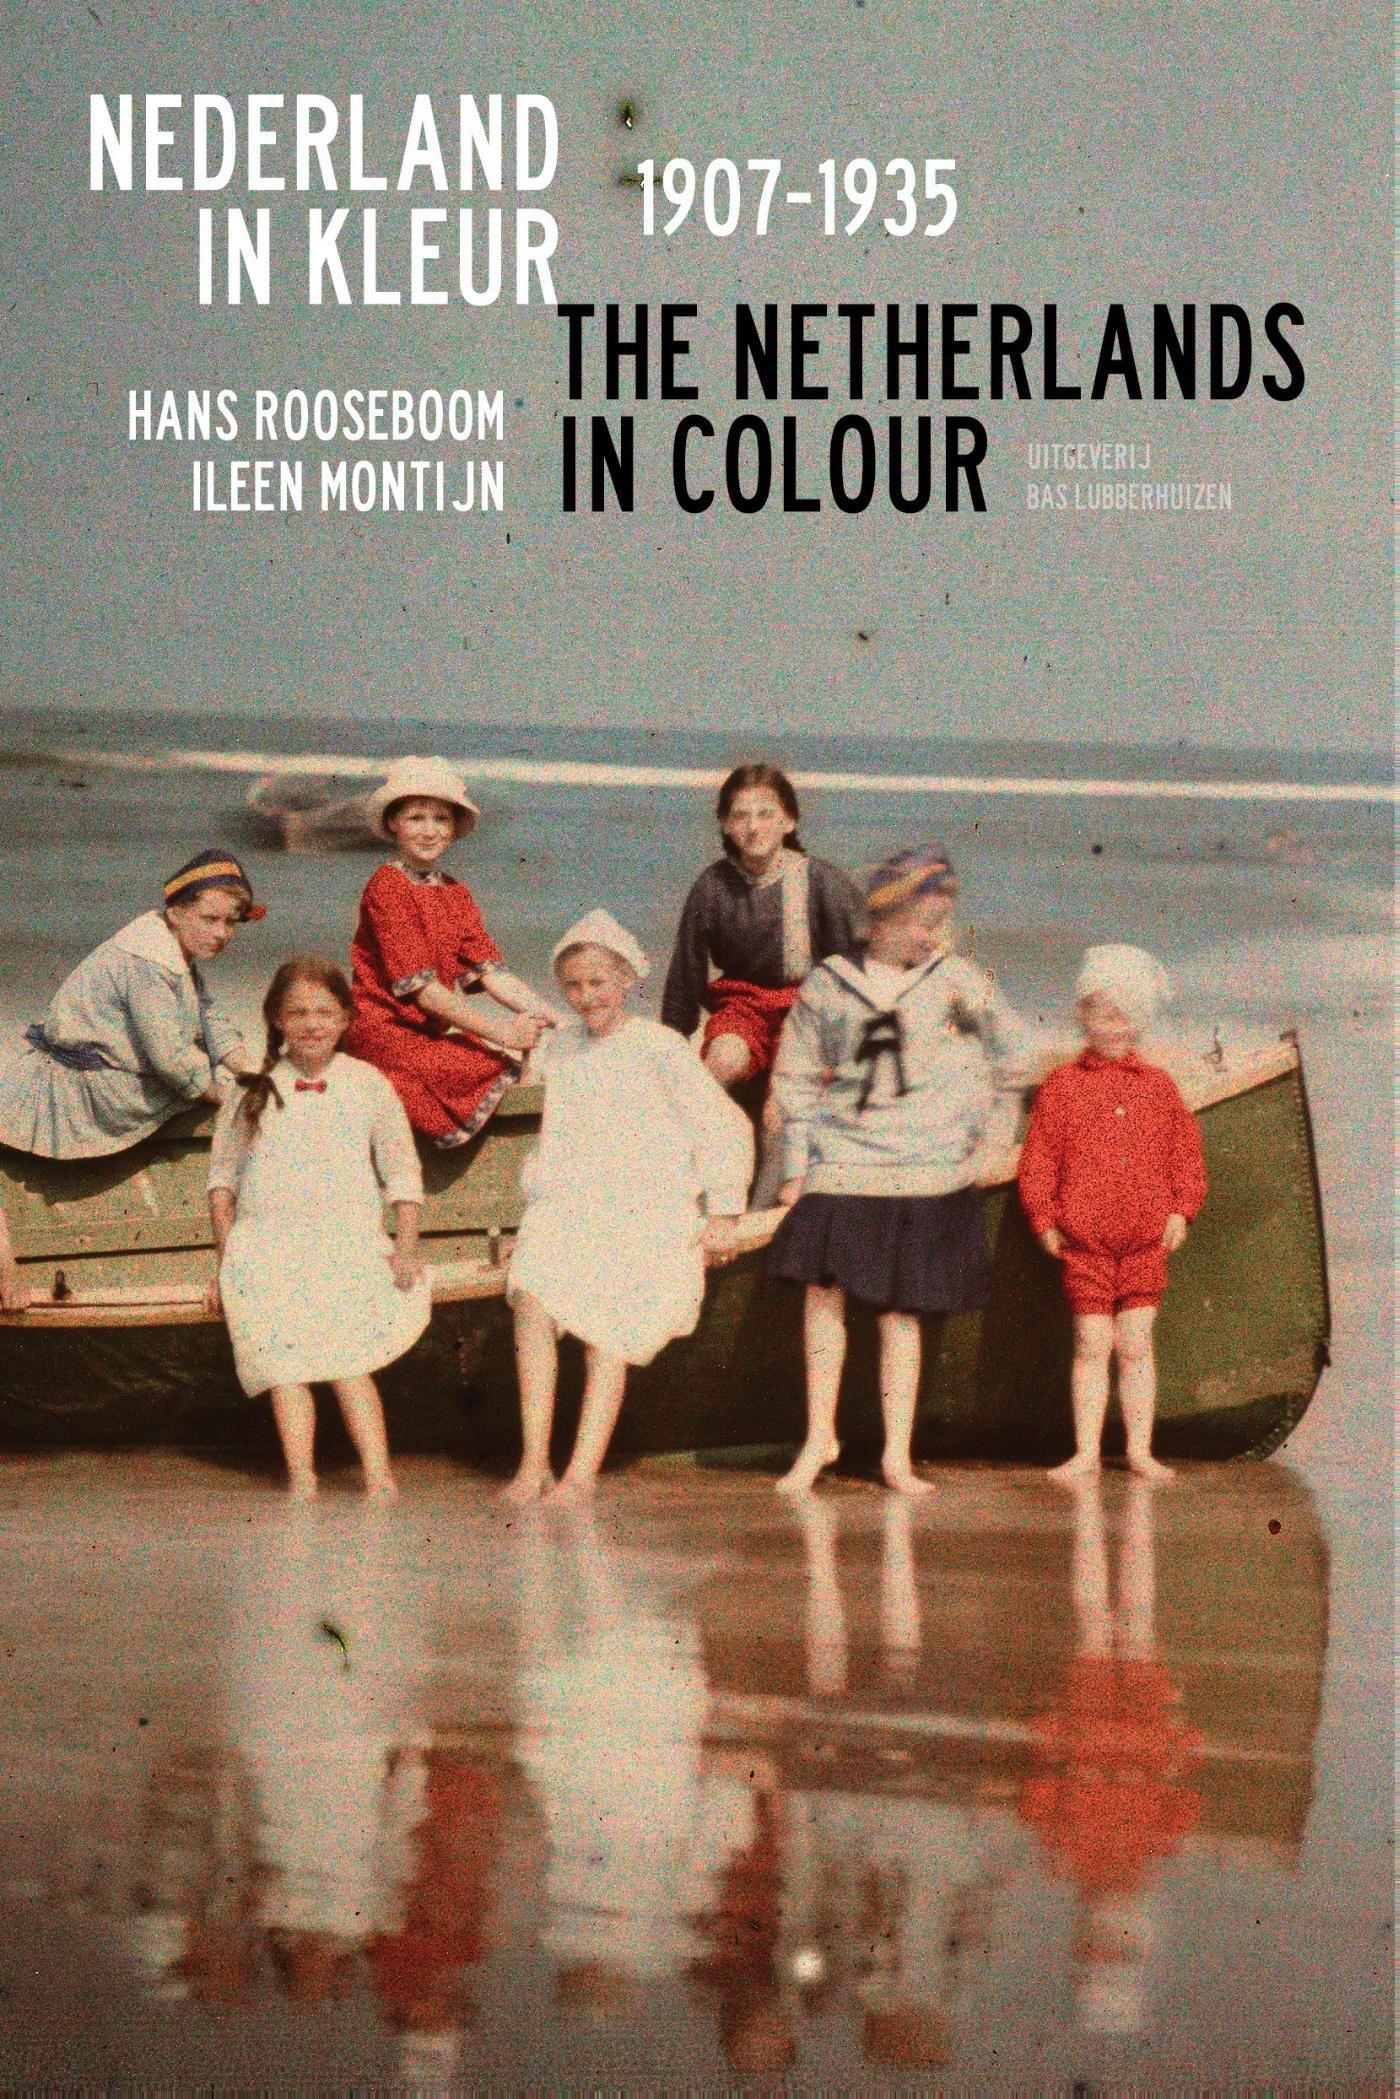 Nederland in Kleur 1907-1935 | Hans Rooseboom, Ileen Montijn 9789059374676 Hans Rooseboom, Ileen Montijn Bas Lubberhuizen   Fotoboeken, Historische reisgidsen, Landeninformatie Nederland